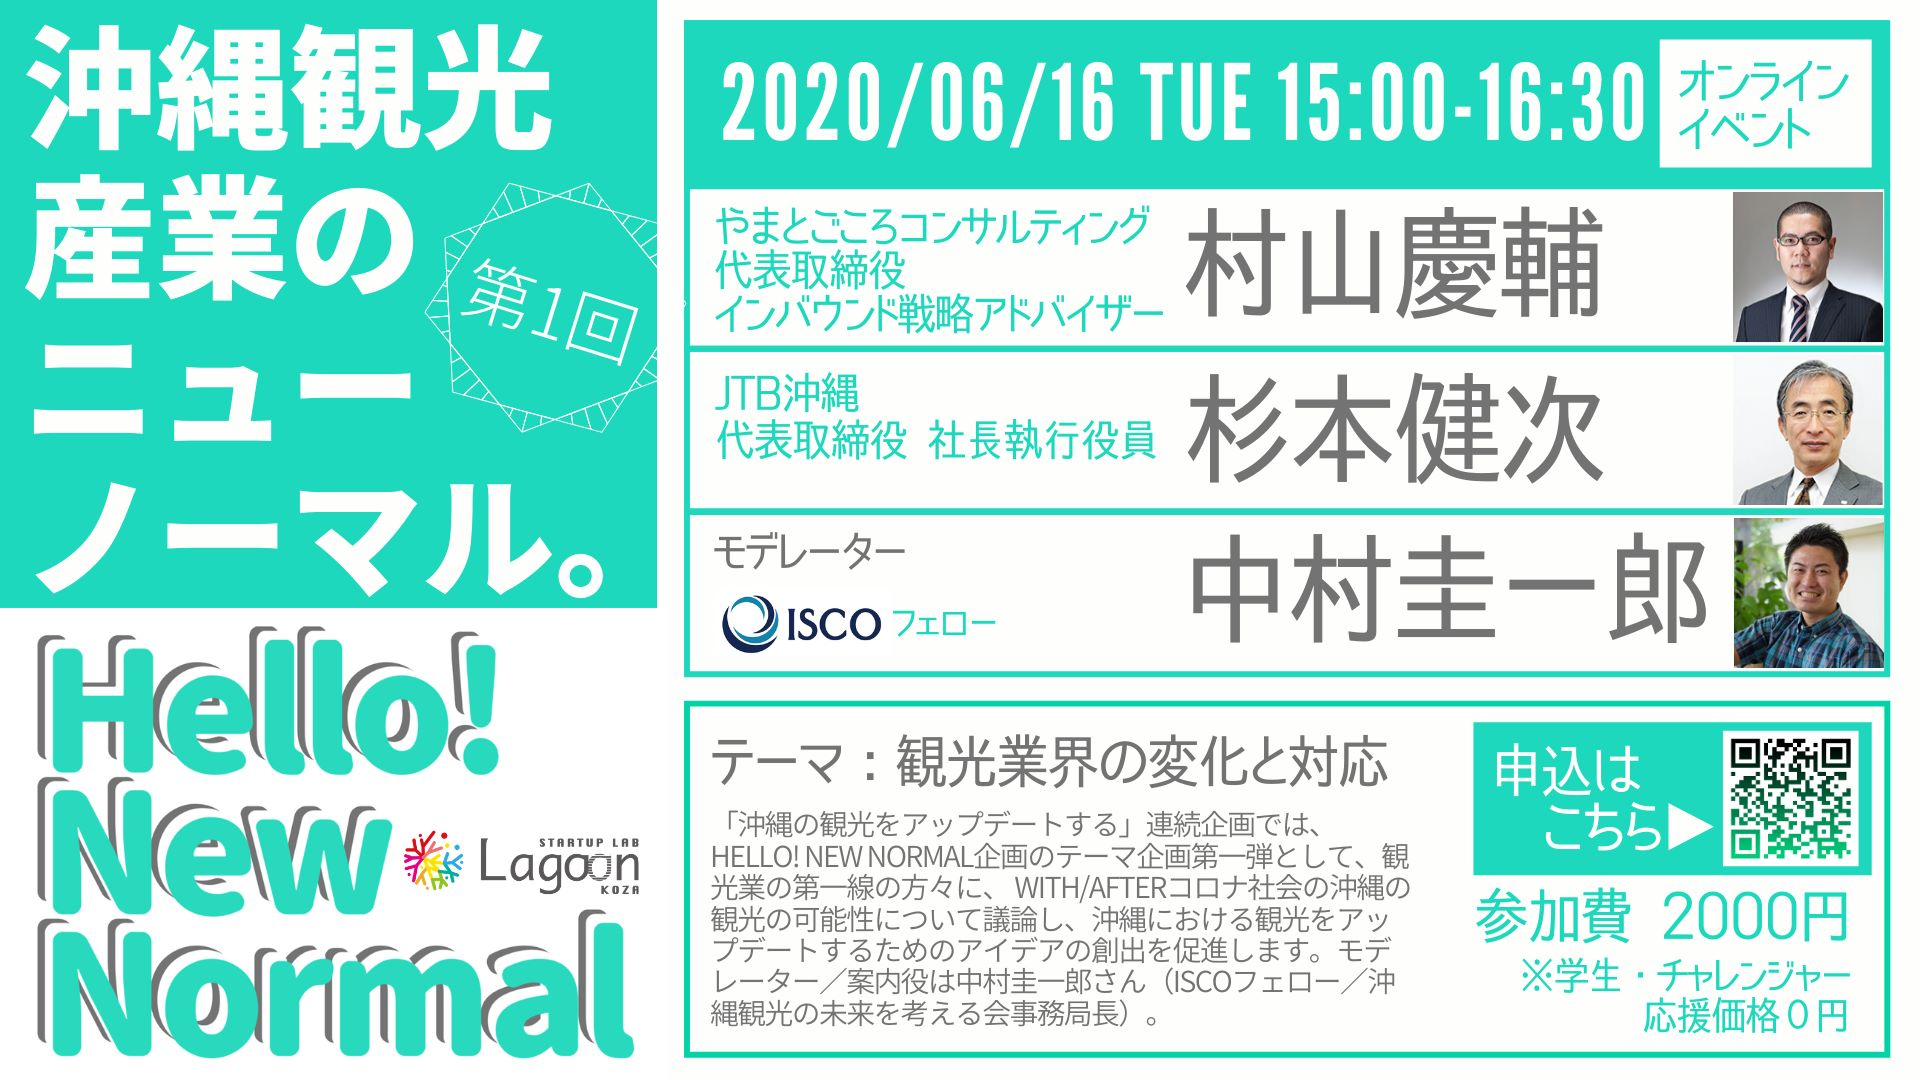 Hello!NewNormal企画<br>第1回 「沖縄観光産業のニューノーマル。」が開催されました。